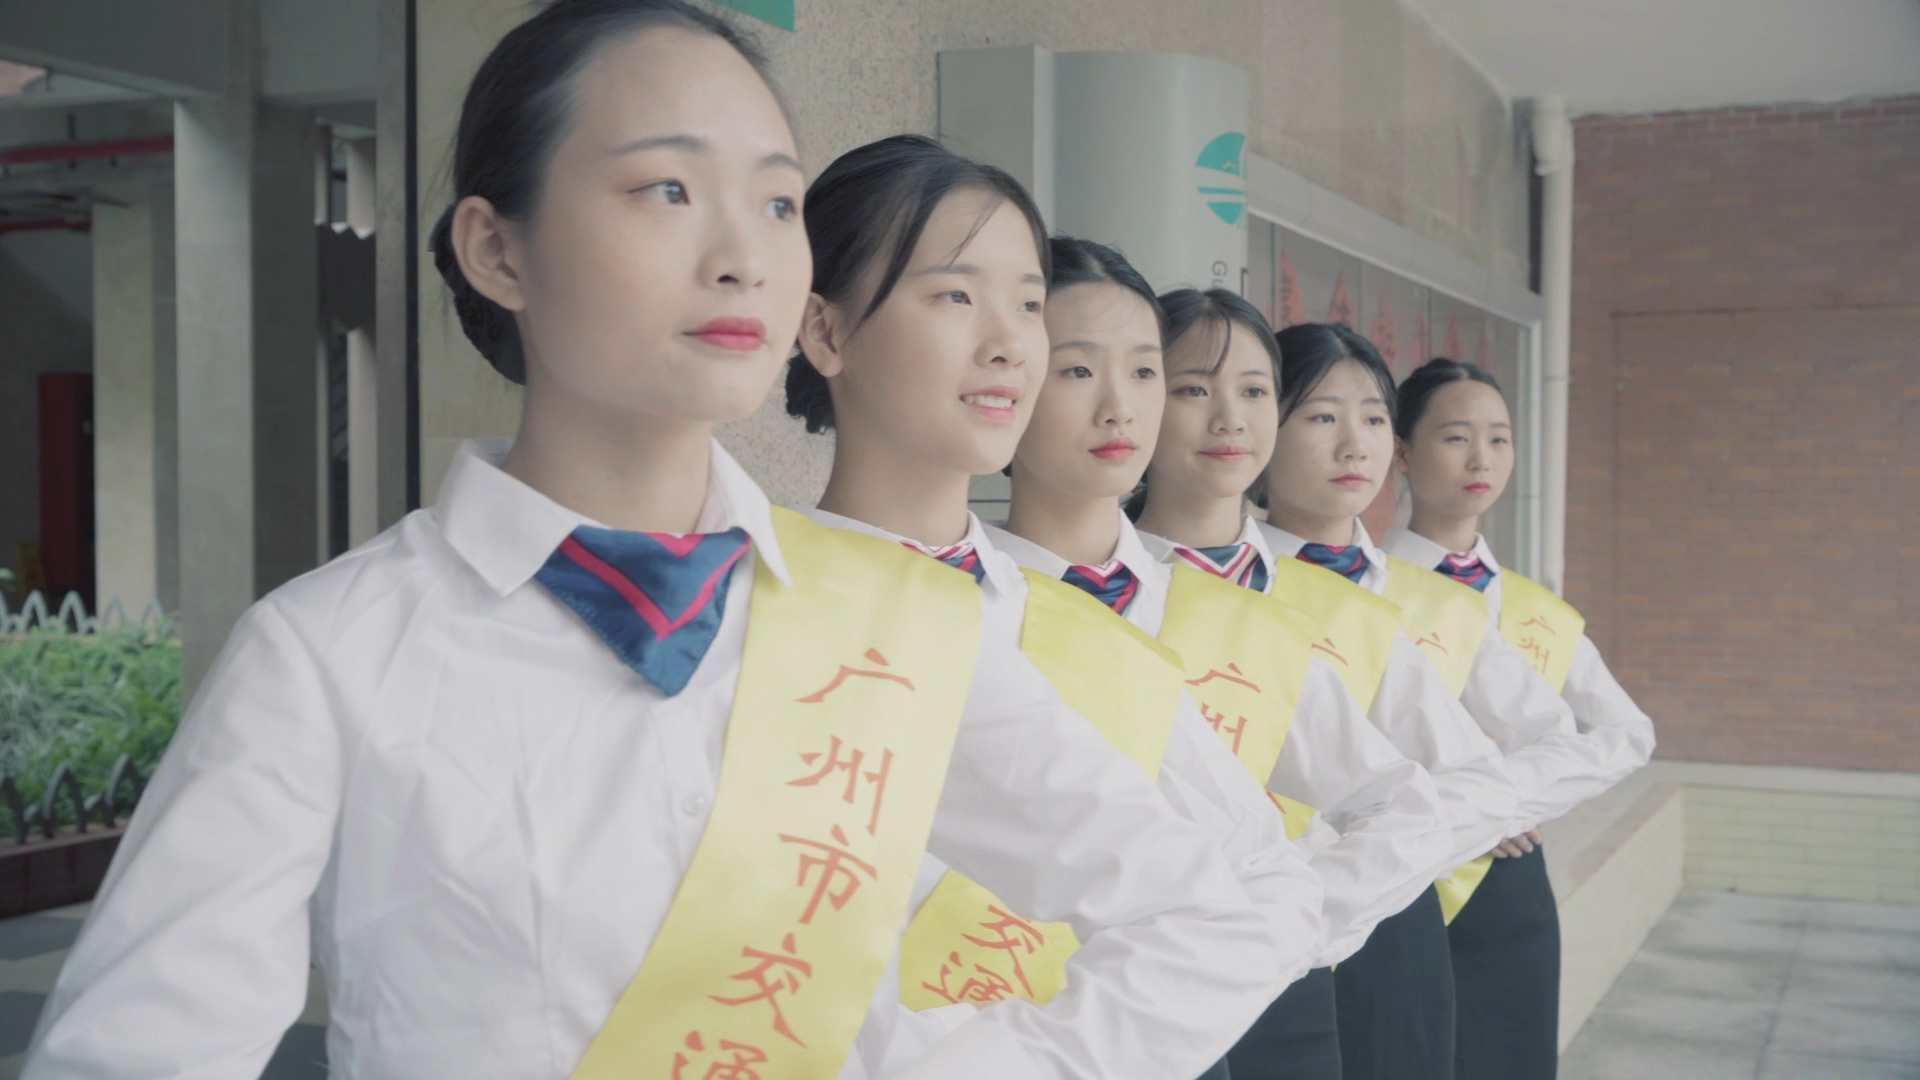 广州公司企业宣传片制作,该如何报价?